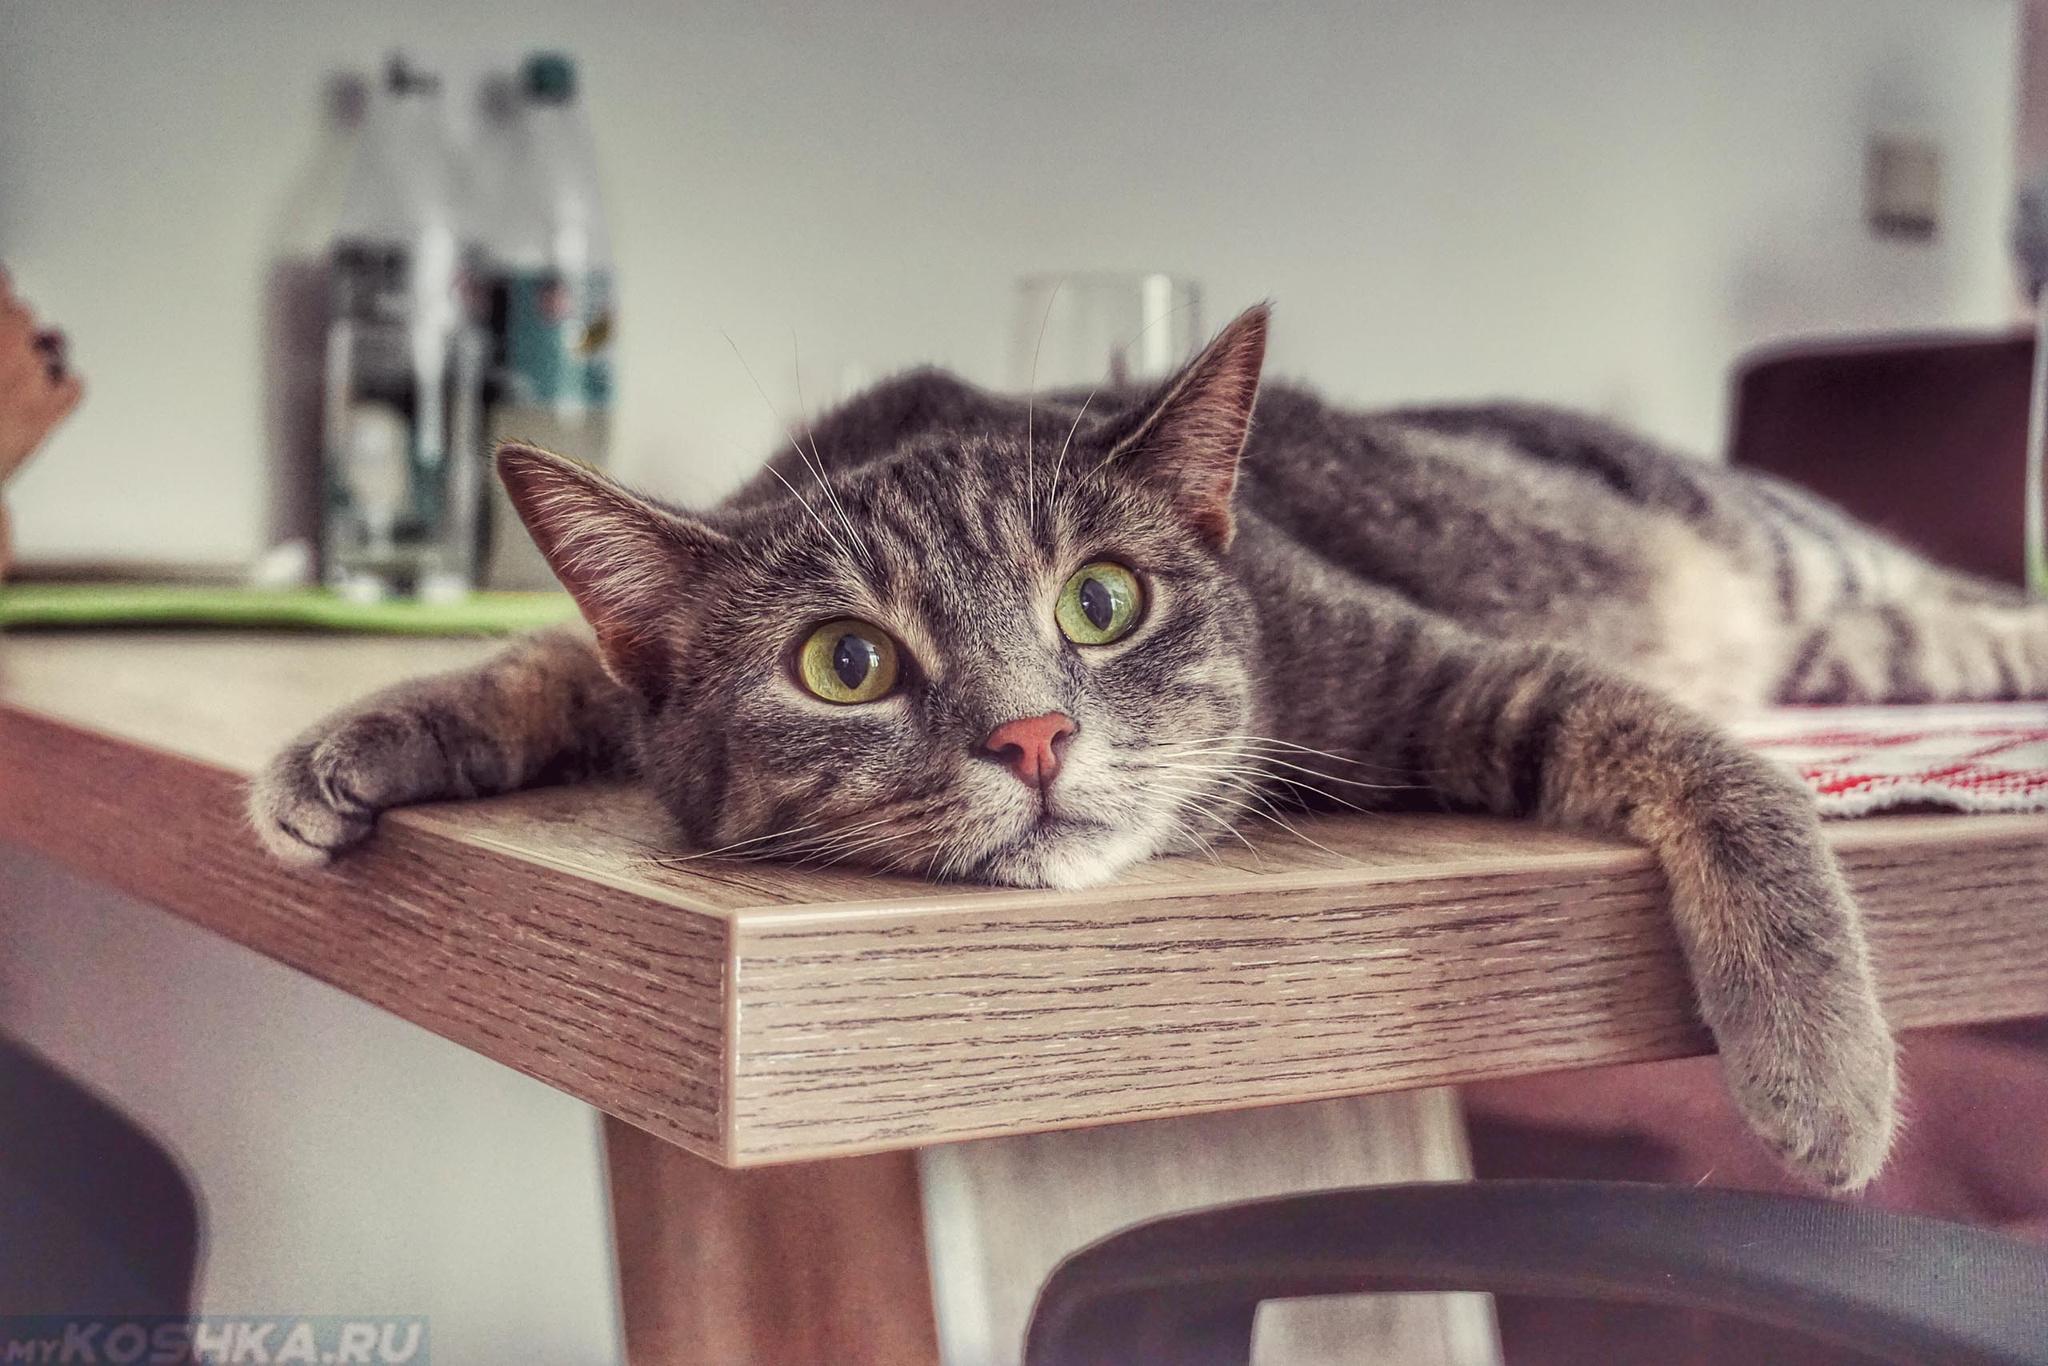 Понос у старого кота чем лечить в домашних условиях